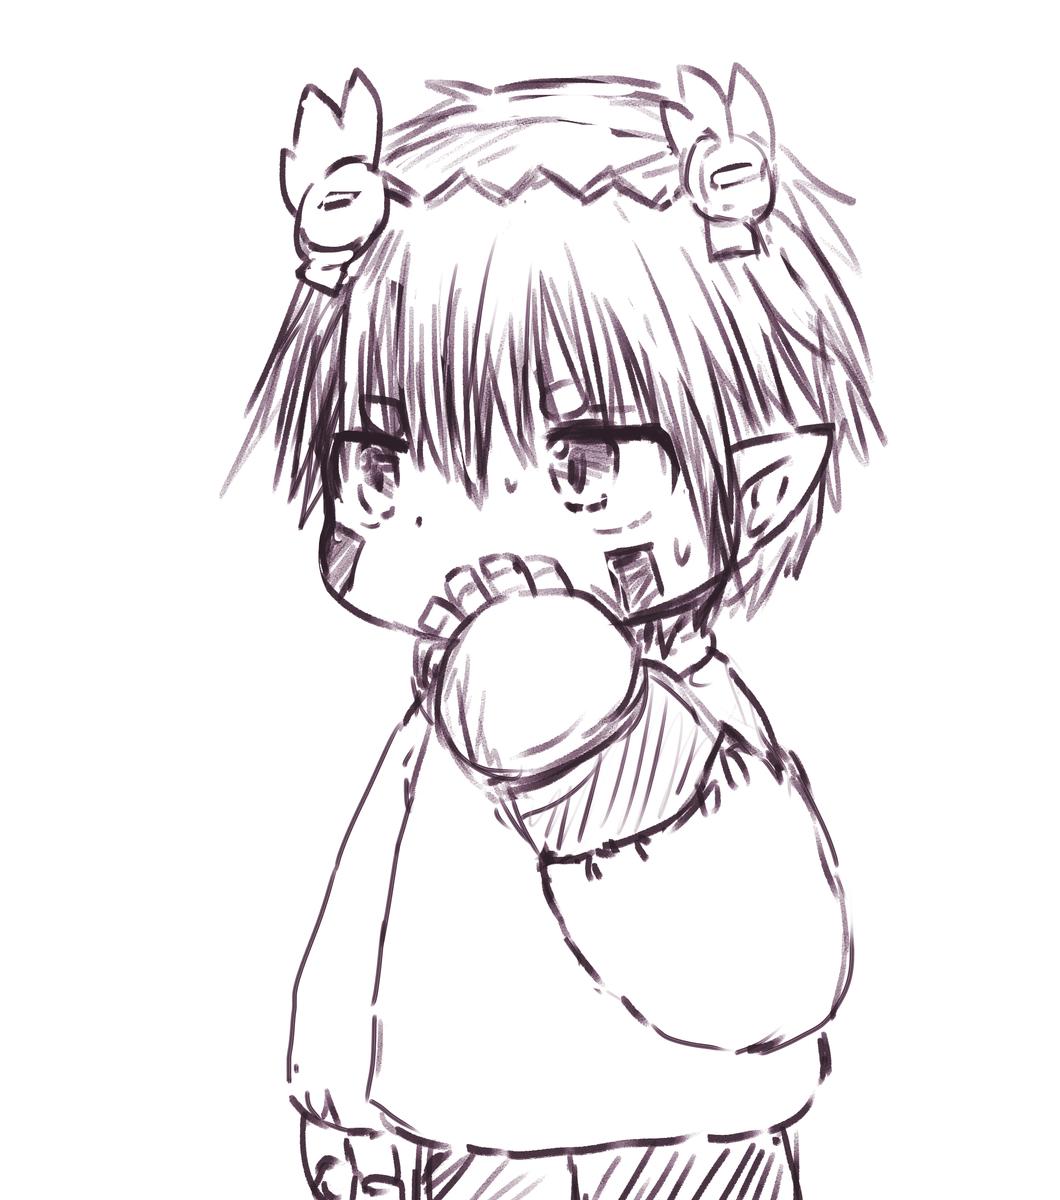 f:id:fuyaho:20210330214632j:plain